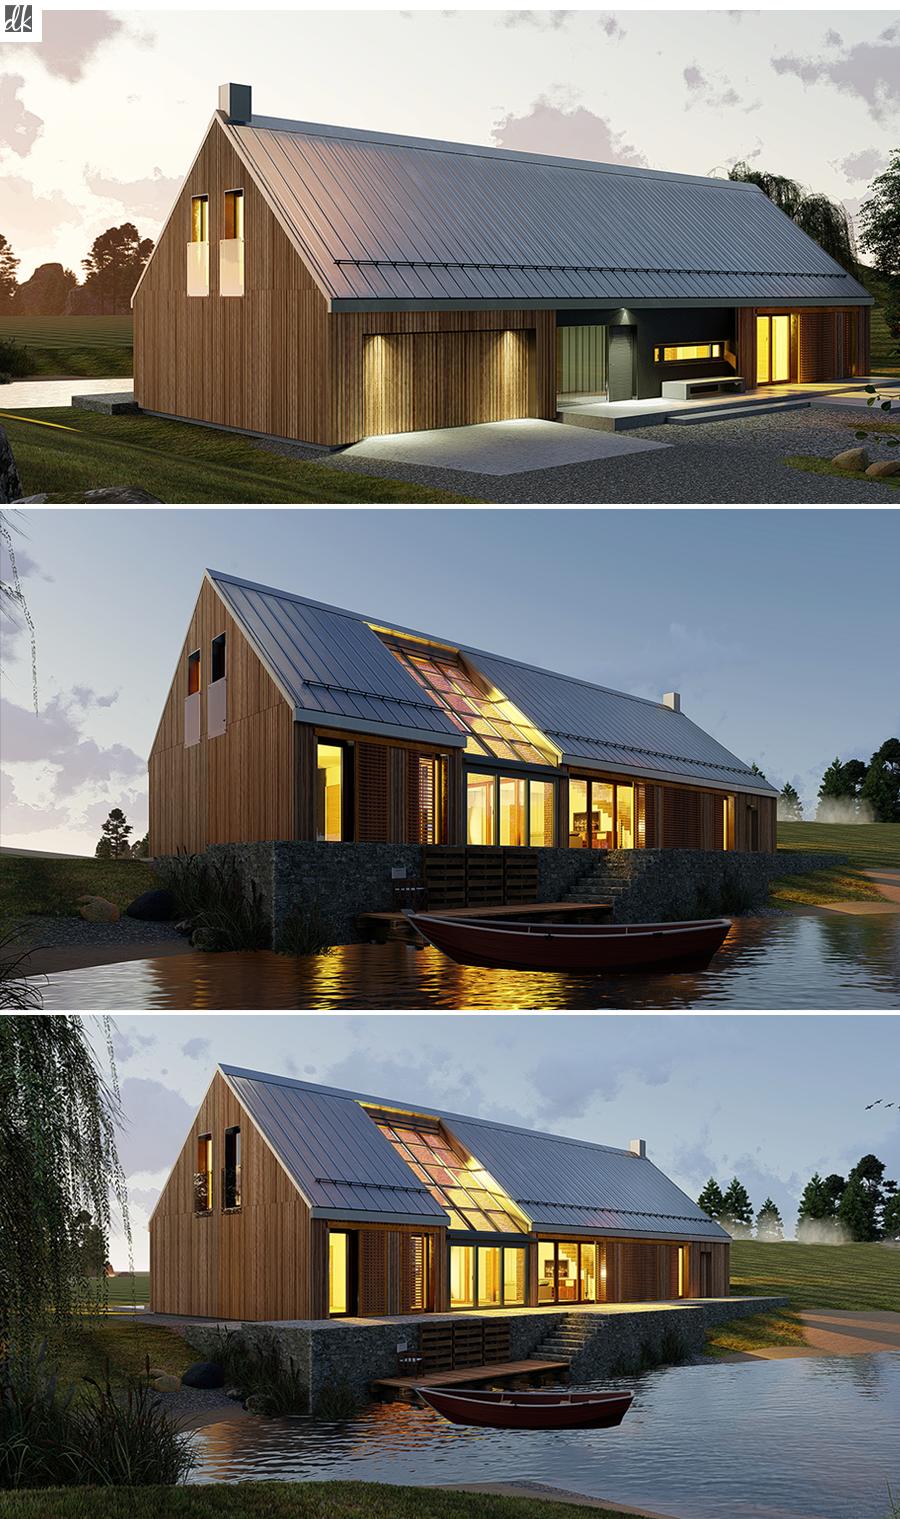 Tundra 2 Domowe Klimaty Modern Barn House Barn Style House House Designs Exterior